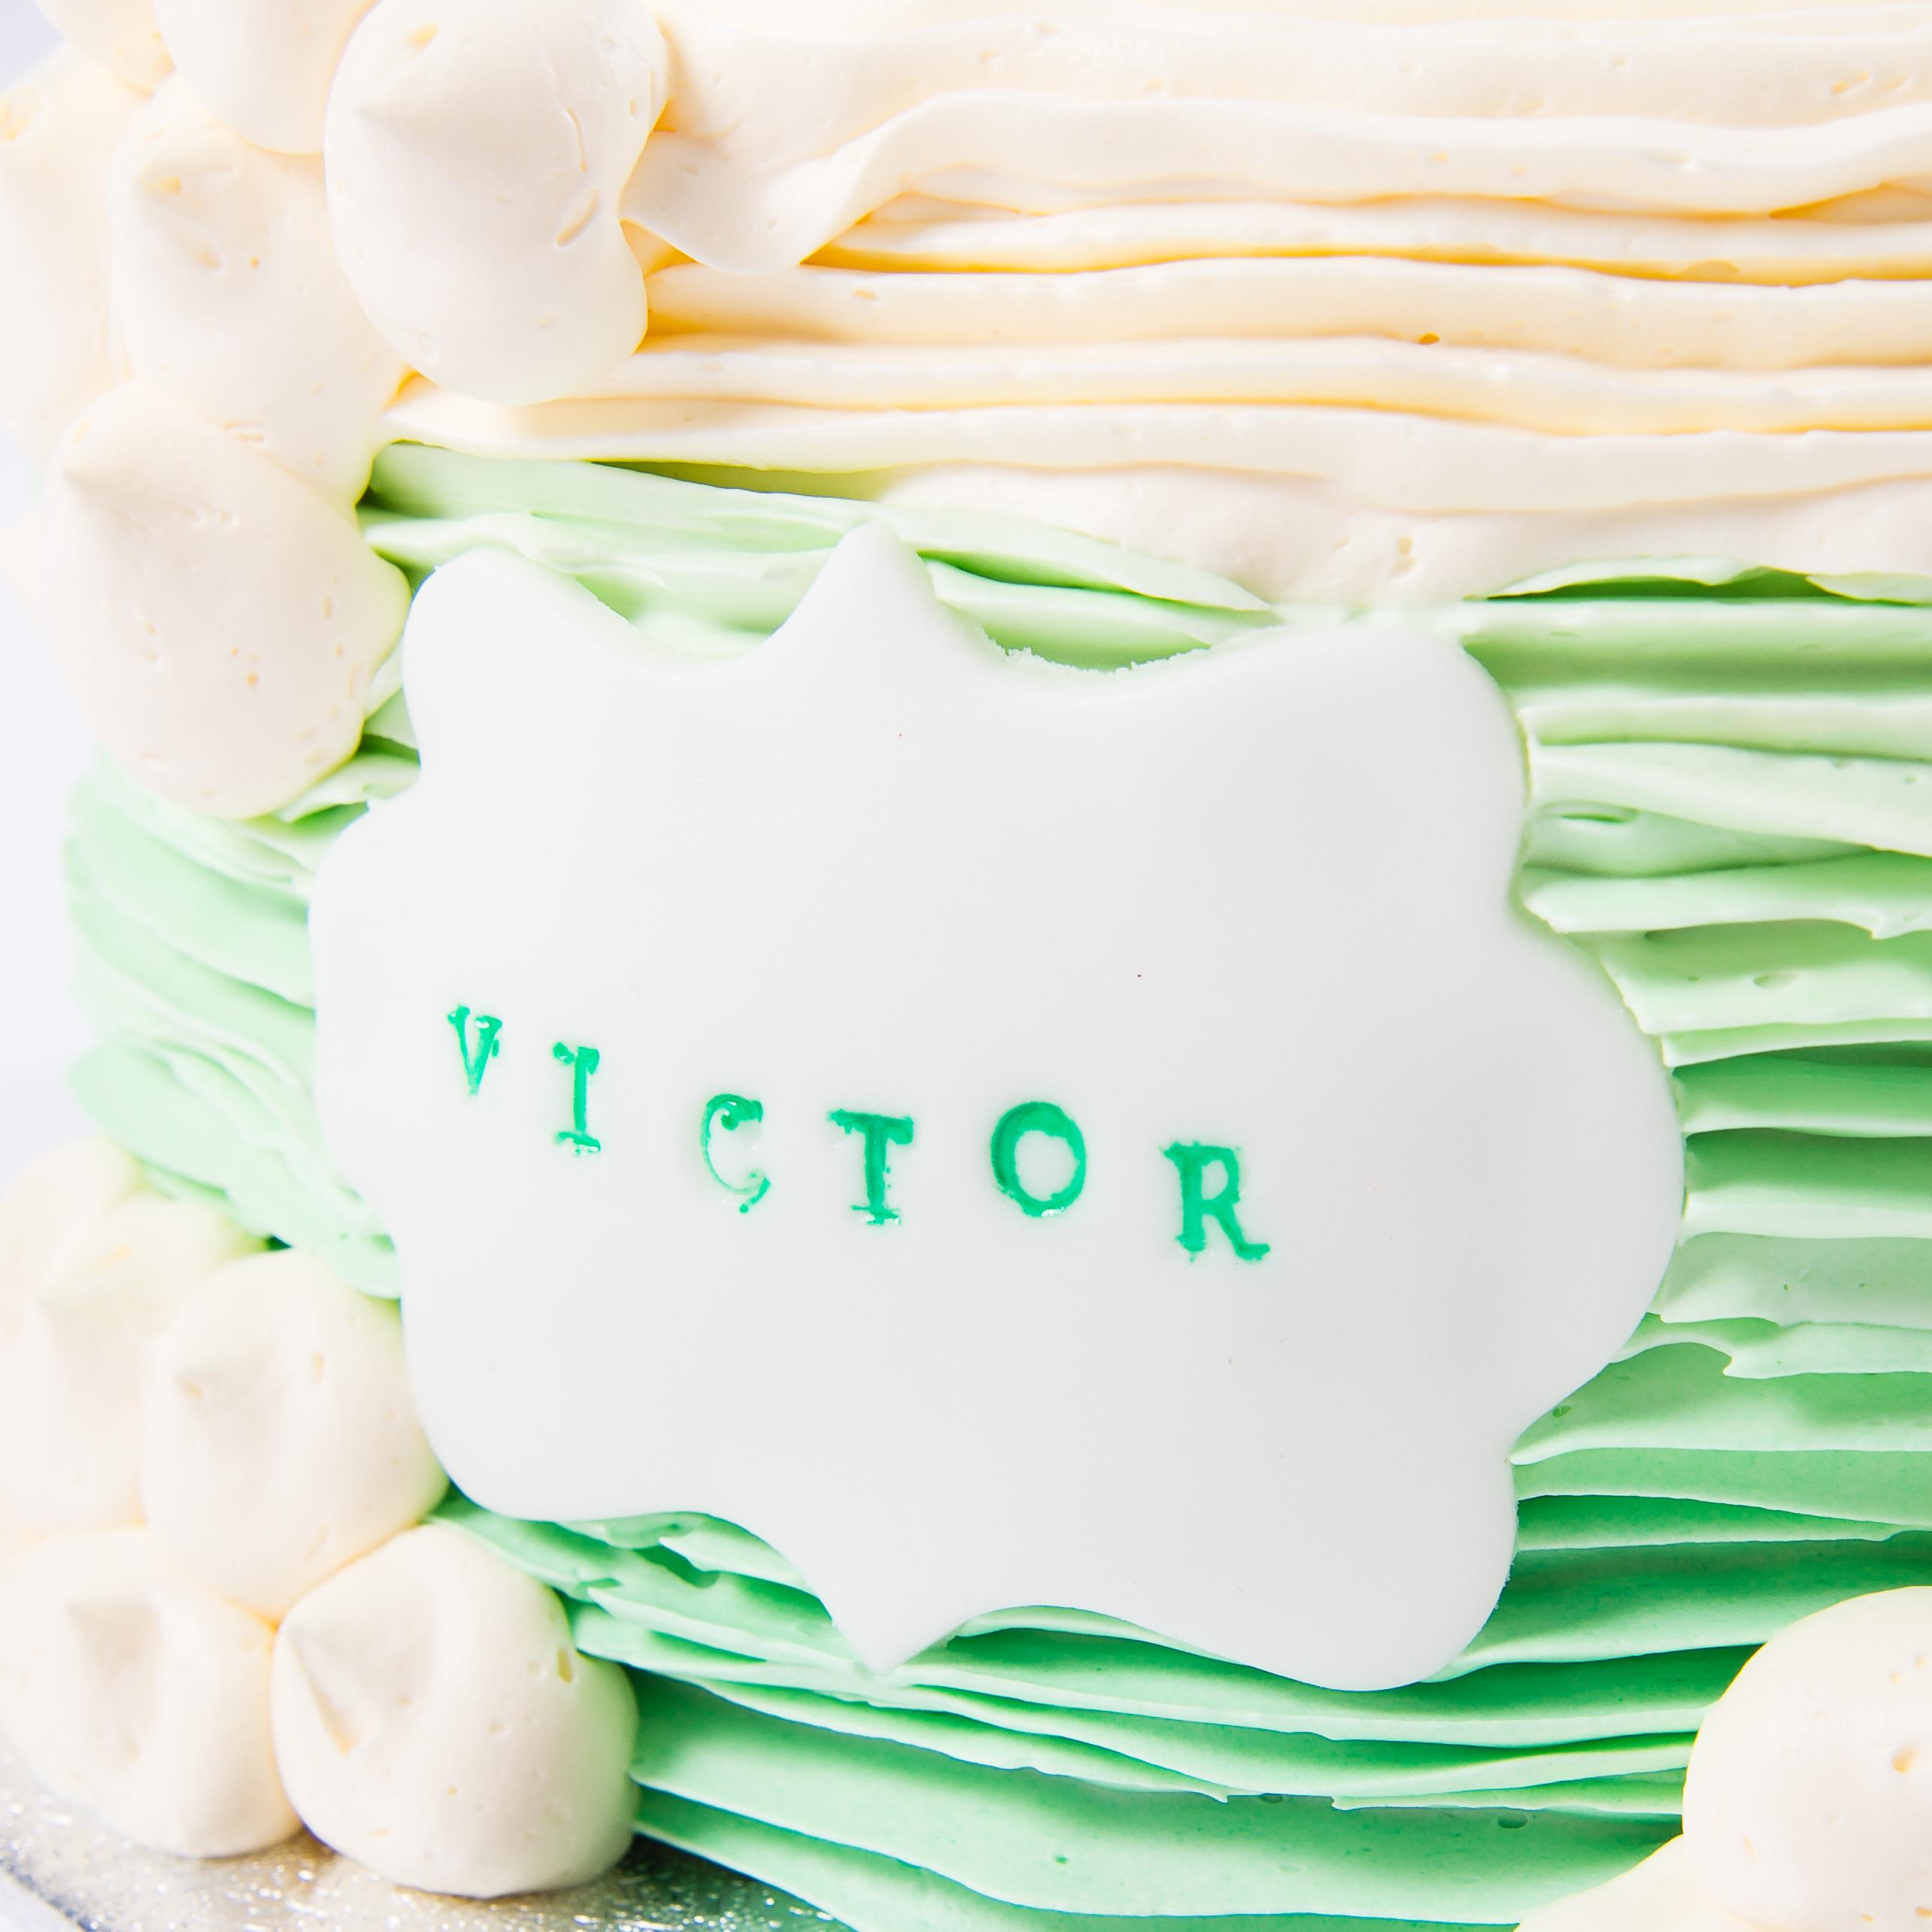 Victor 1 jaar-7